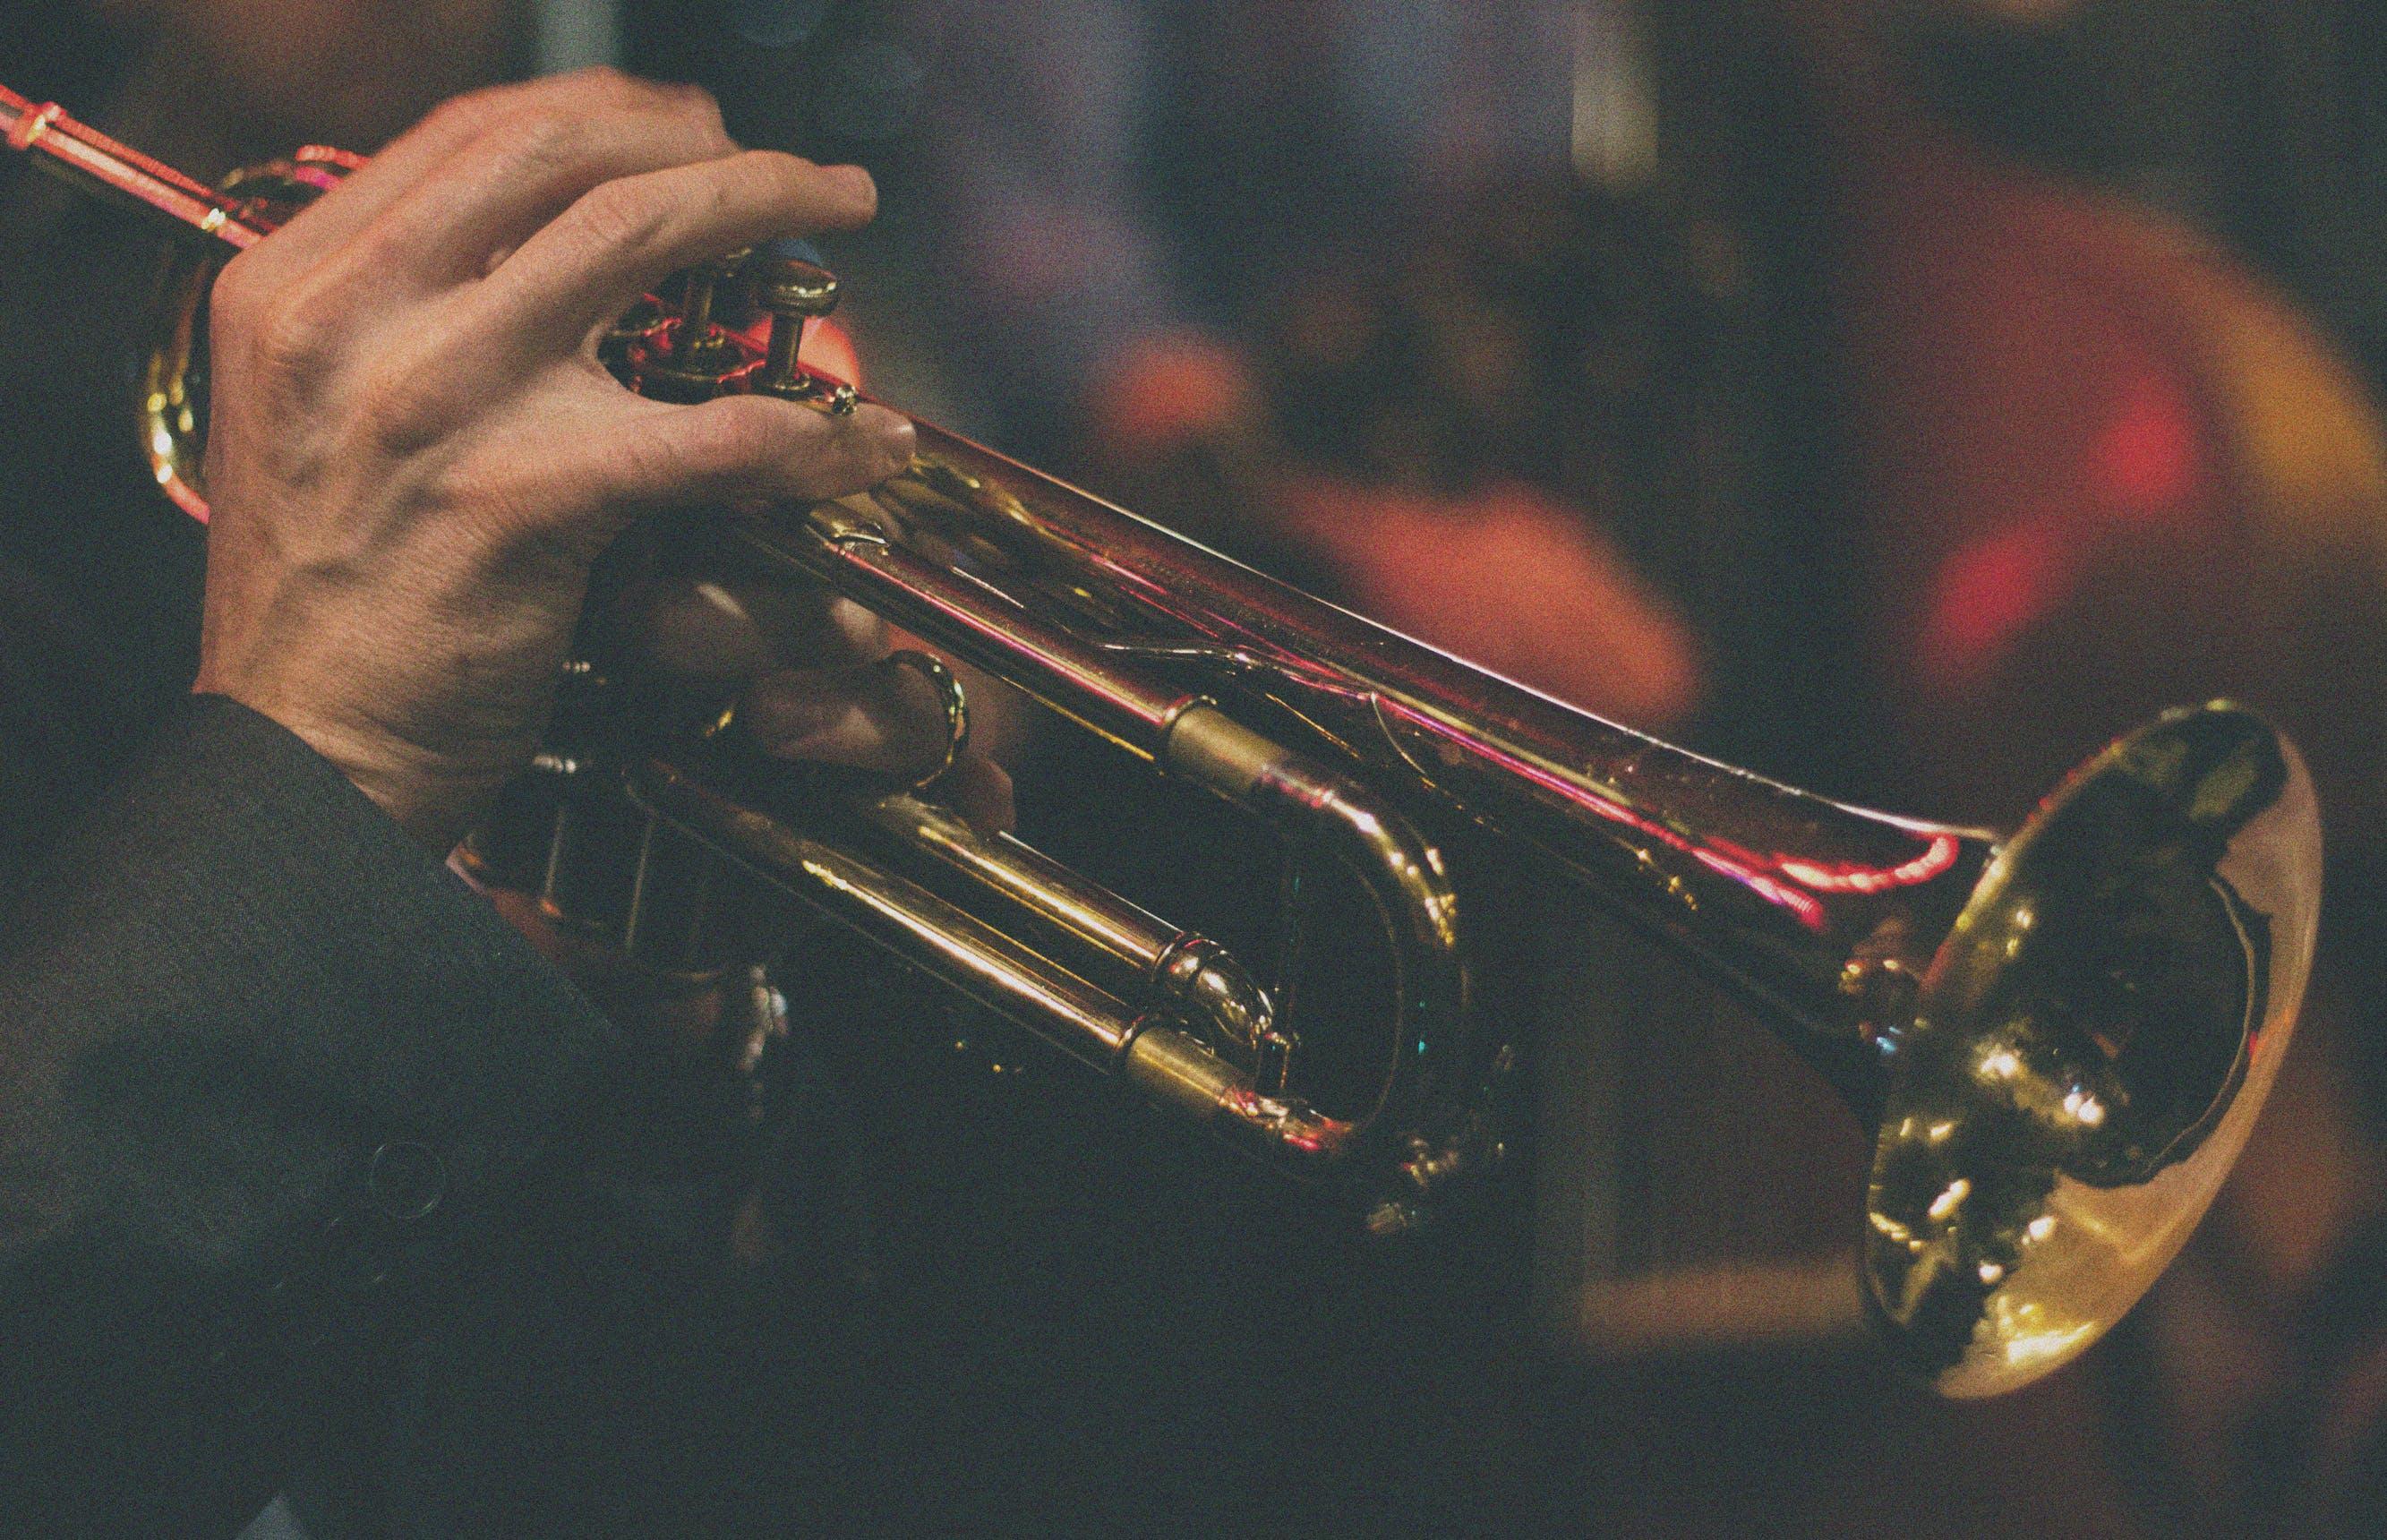 Gent en El Negocito Records scheren hoge toppen in All About Jazz-polls